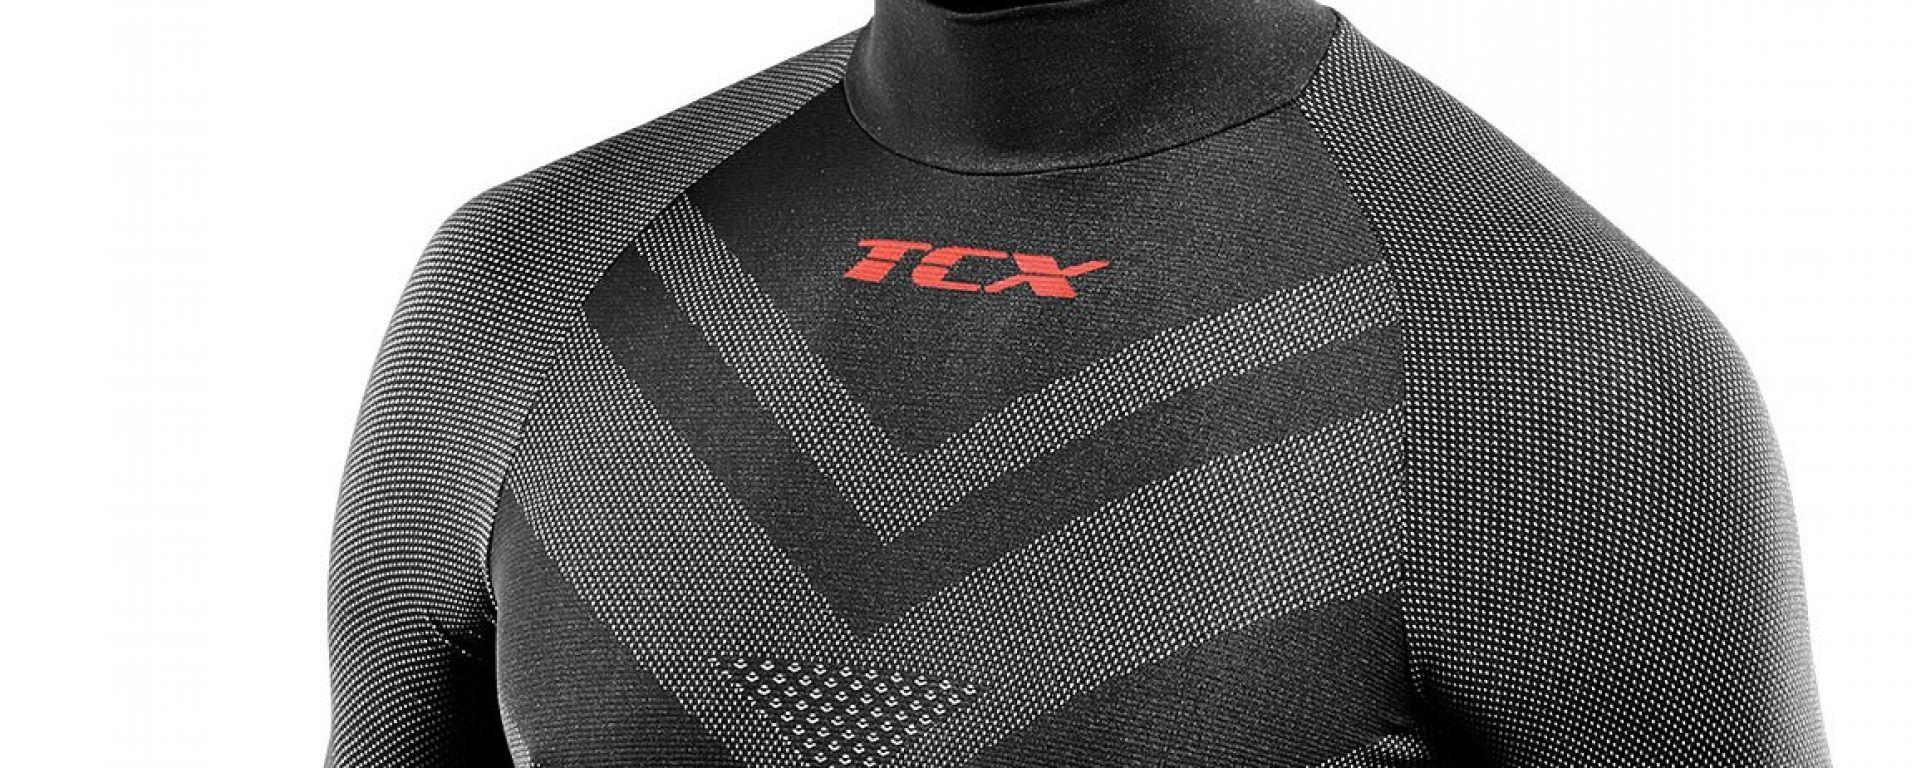 TCX base layers, l'intimo tecnico per motociclisti